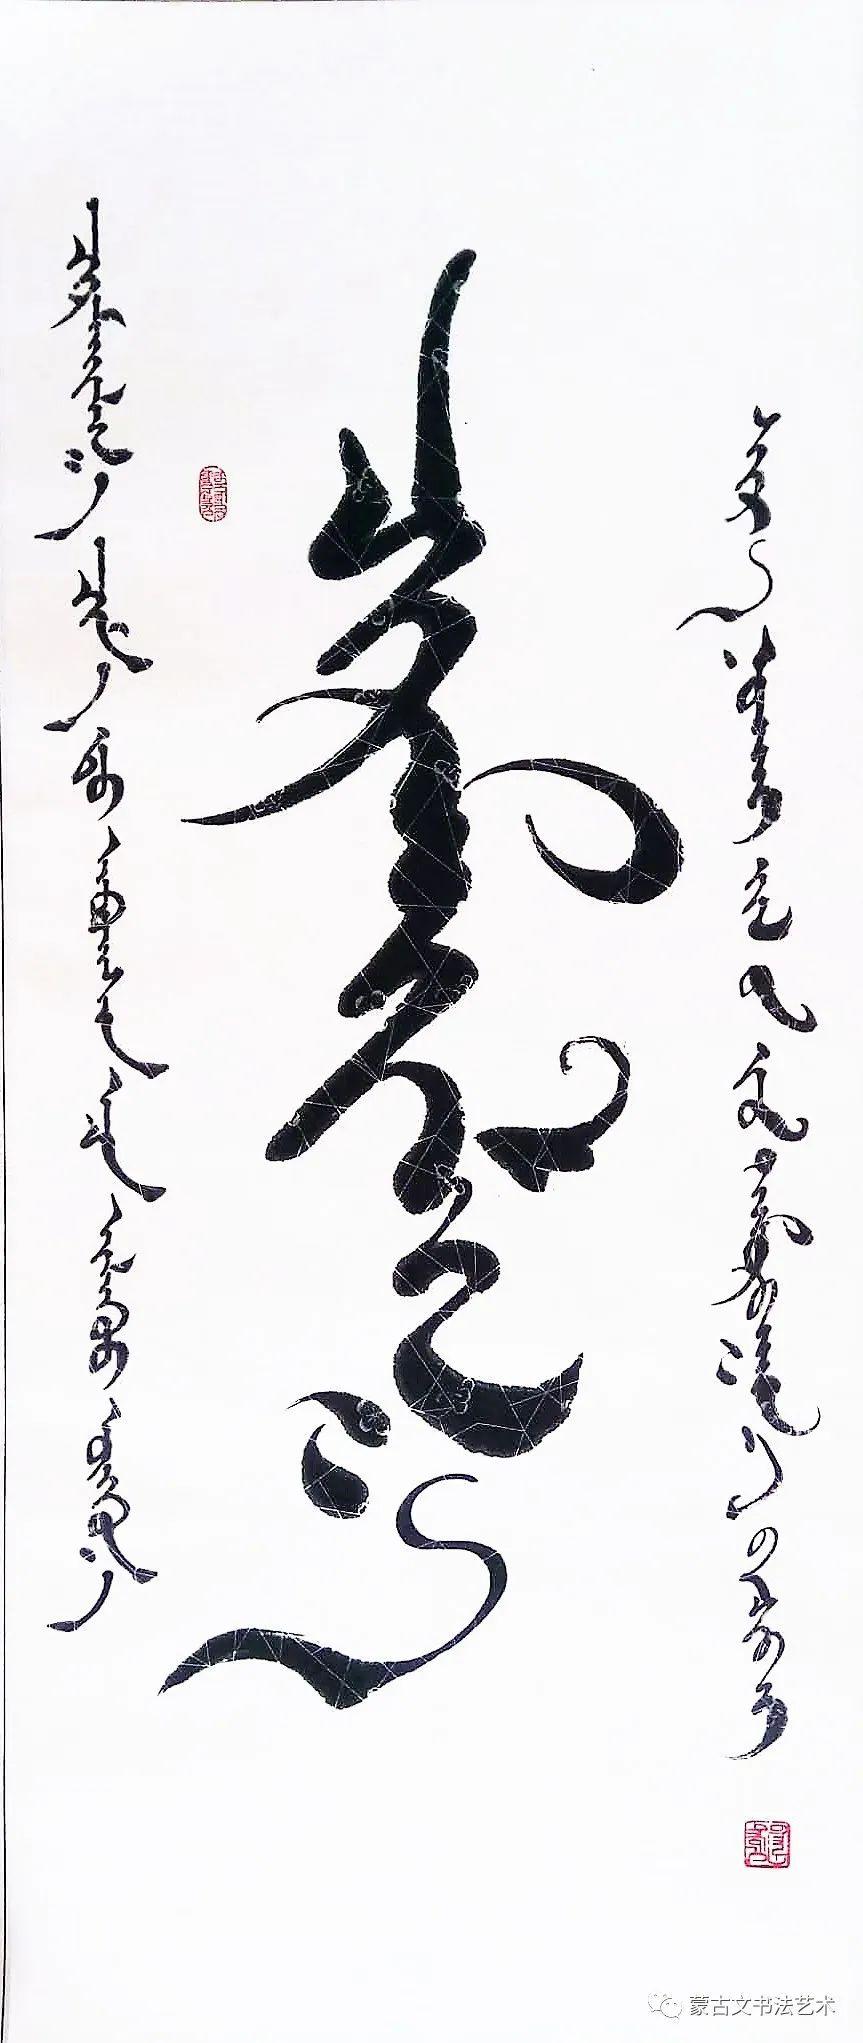 铁桩蒙古文书法 第19张 铁桩蒙古文书法 蒙古书法